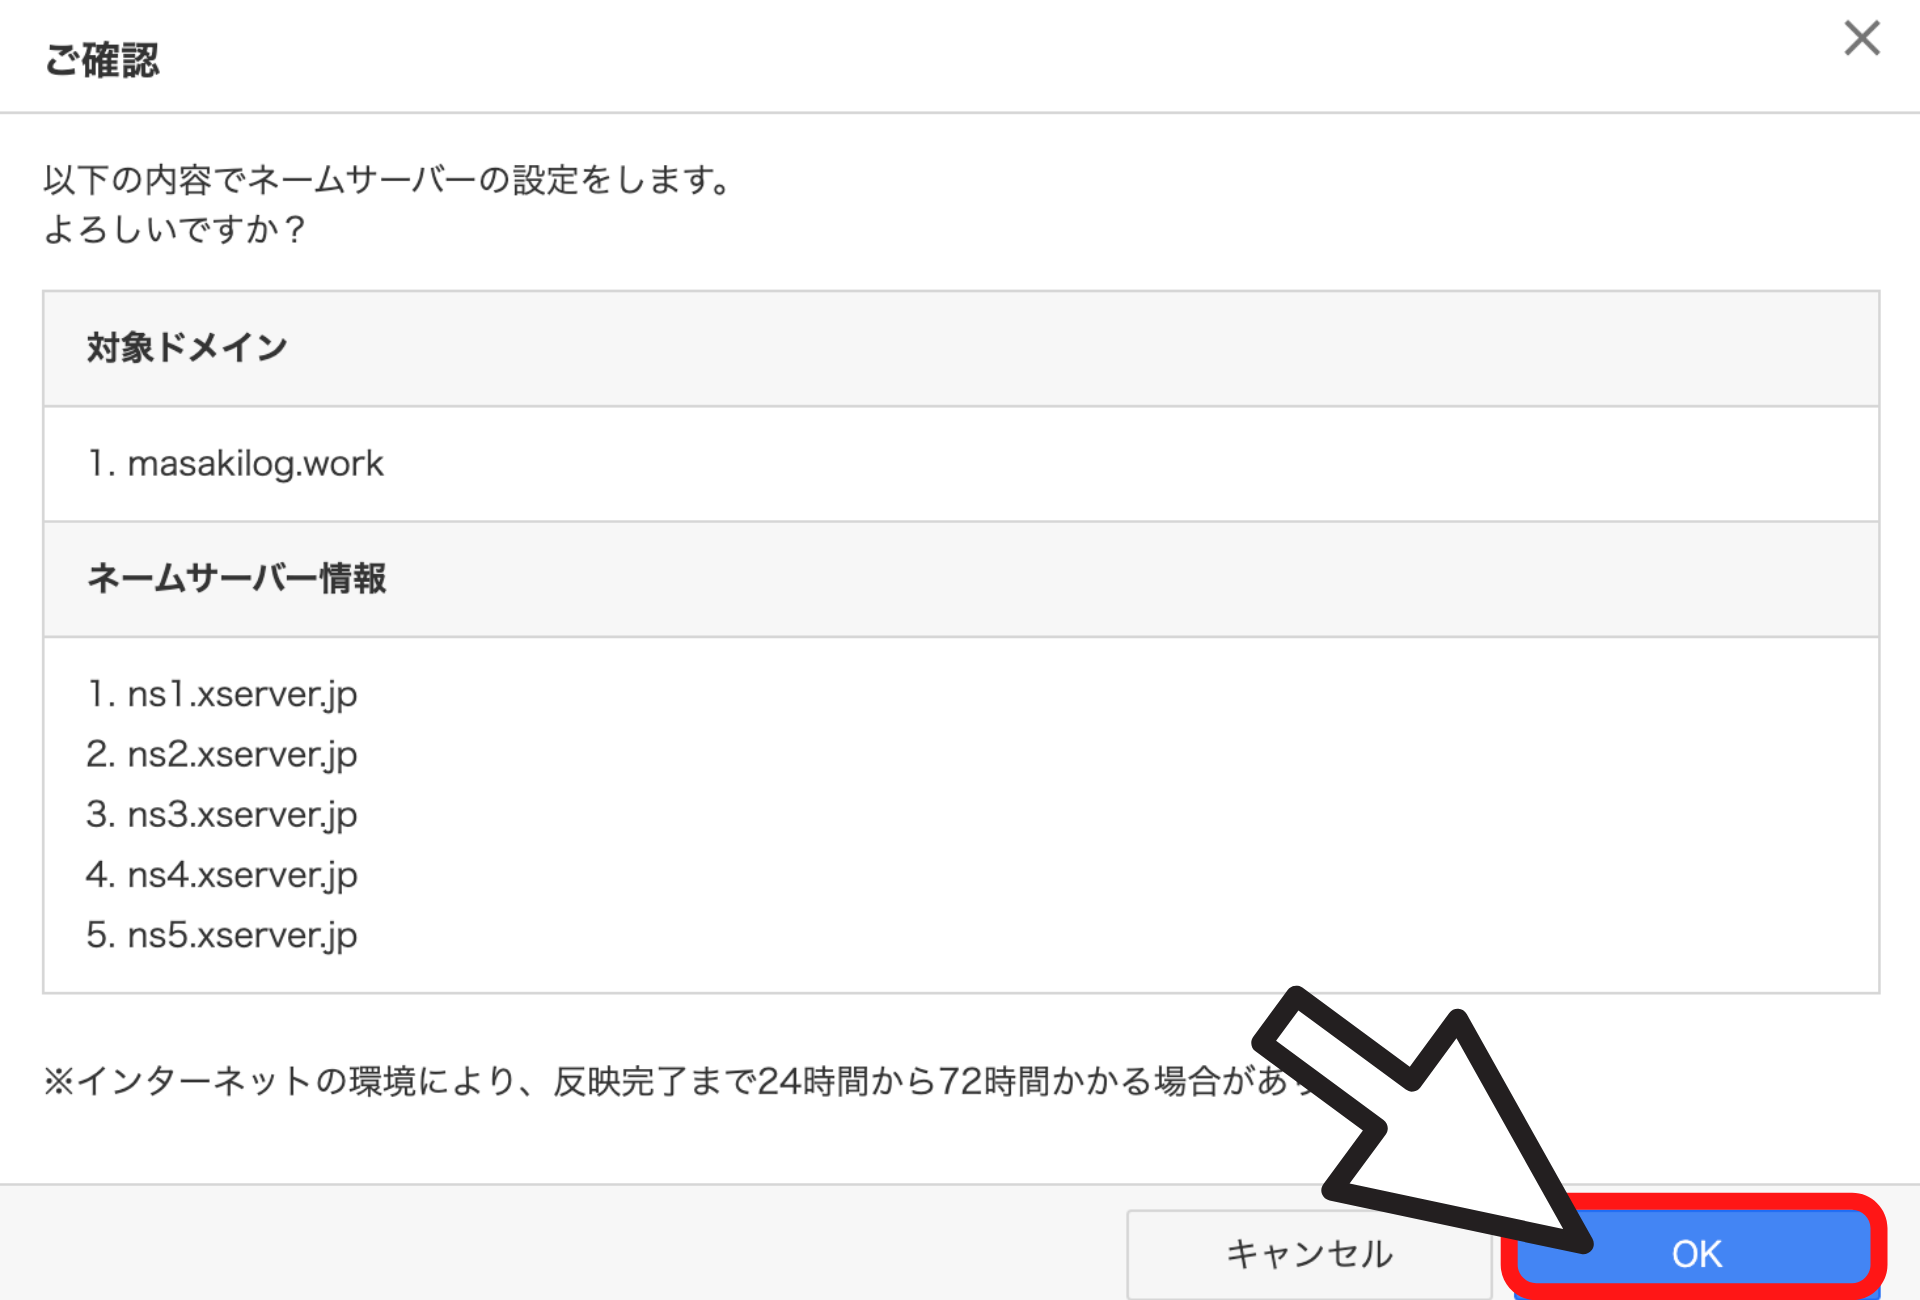 ネームサーバー1〜5